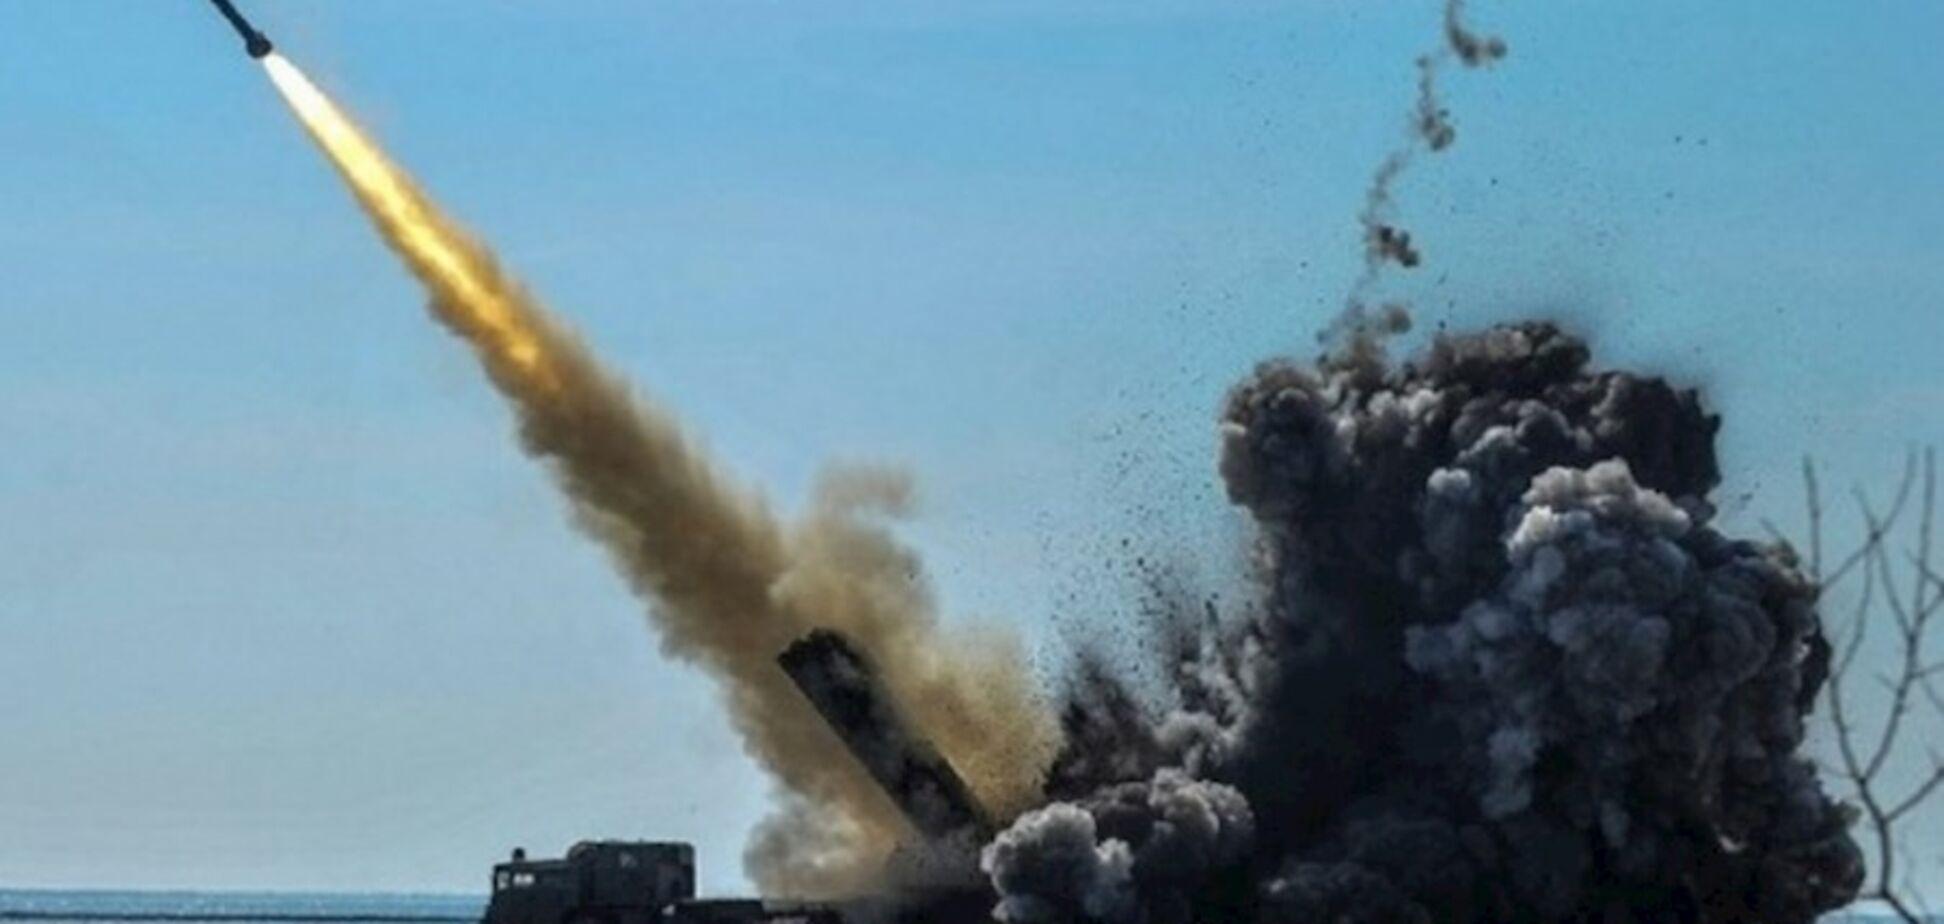 'Вільха' і Javelin не допоможуть: військовий експерт назвав головну проблему ВСУ